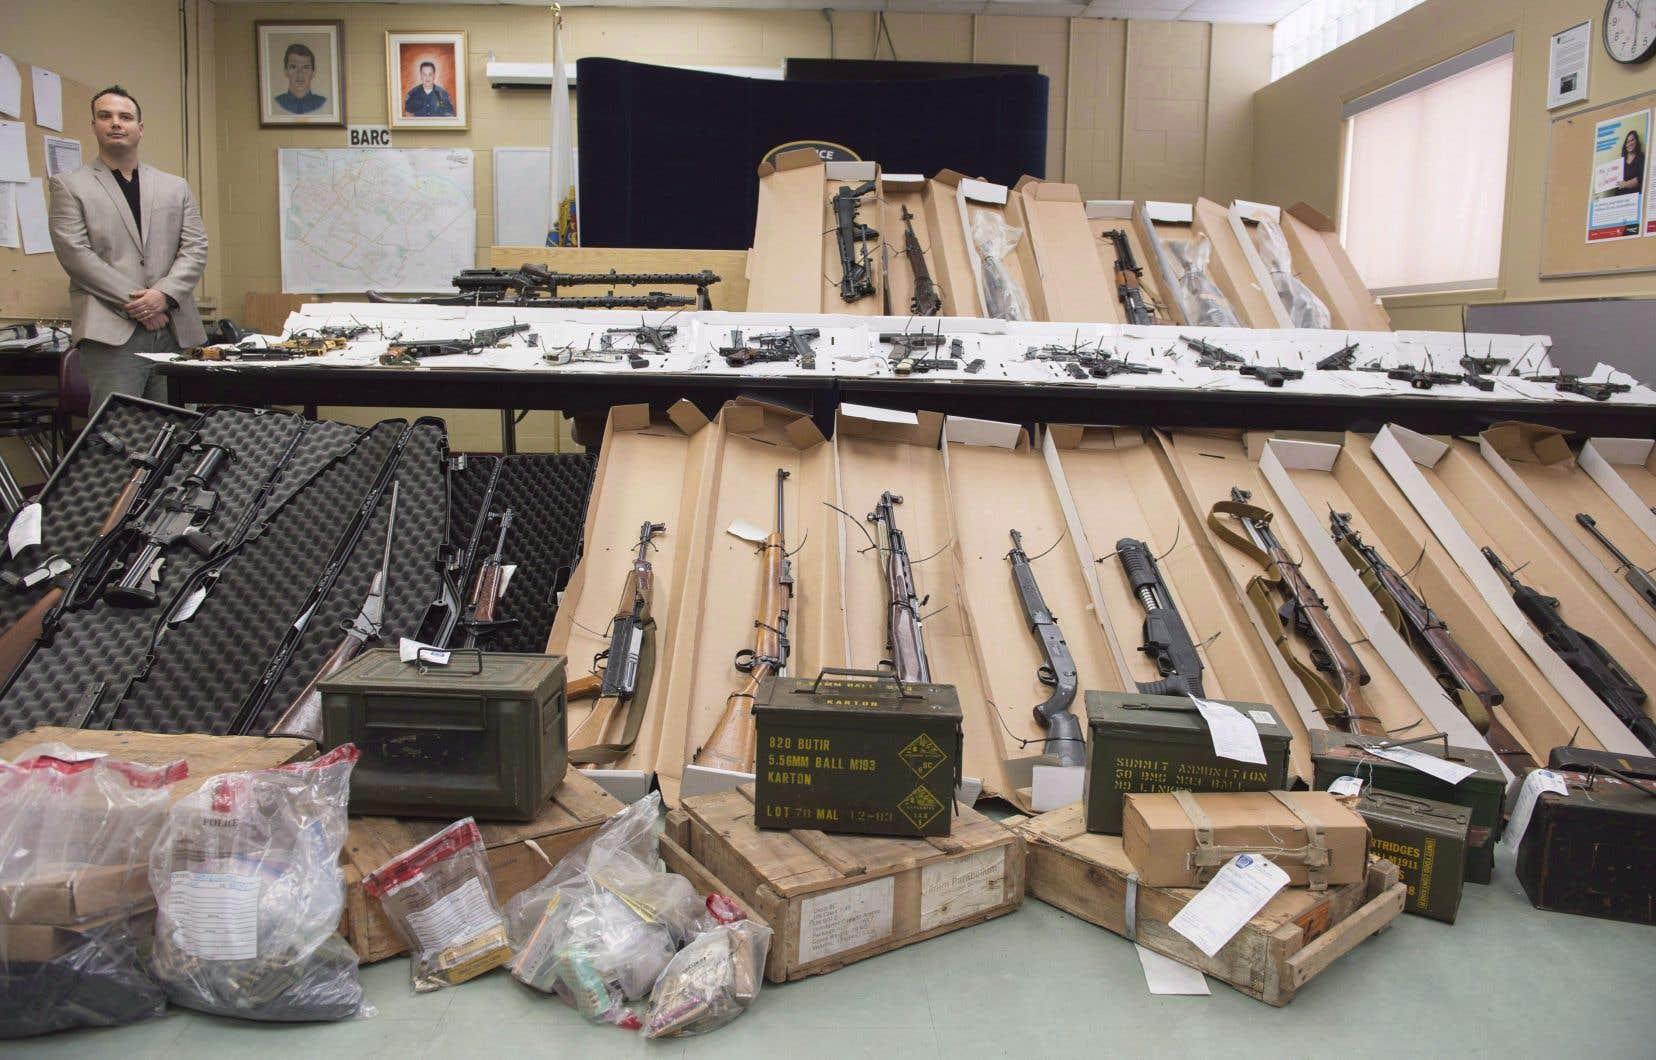 L'émergence du «darknet» représente un nouveau défi pour les autorités qui tentent d'endiguer le trafic d'armes.